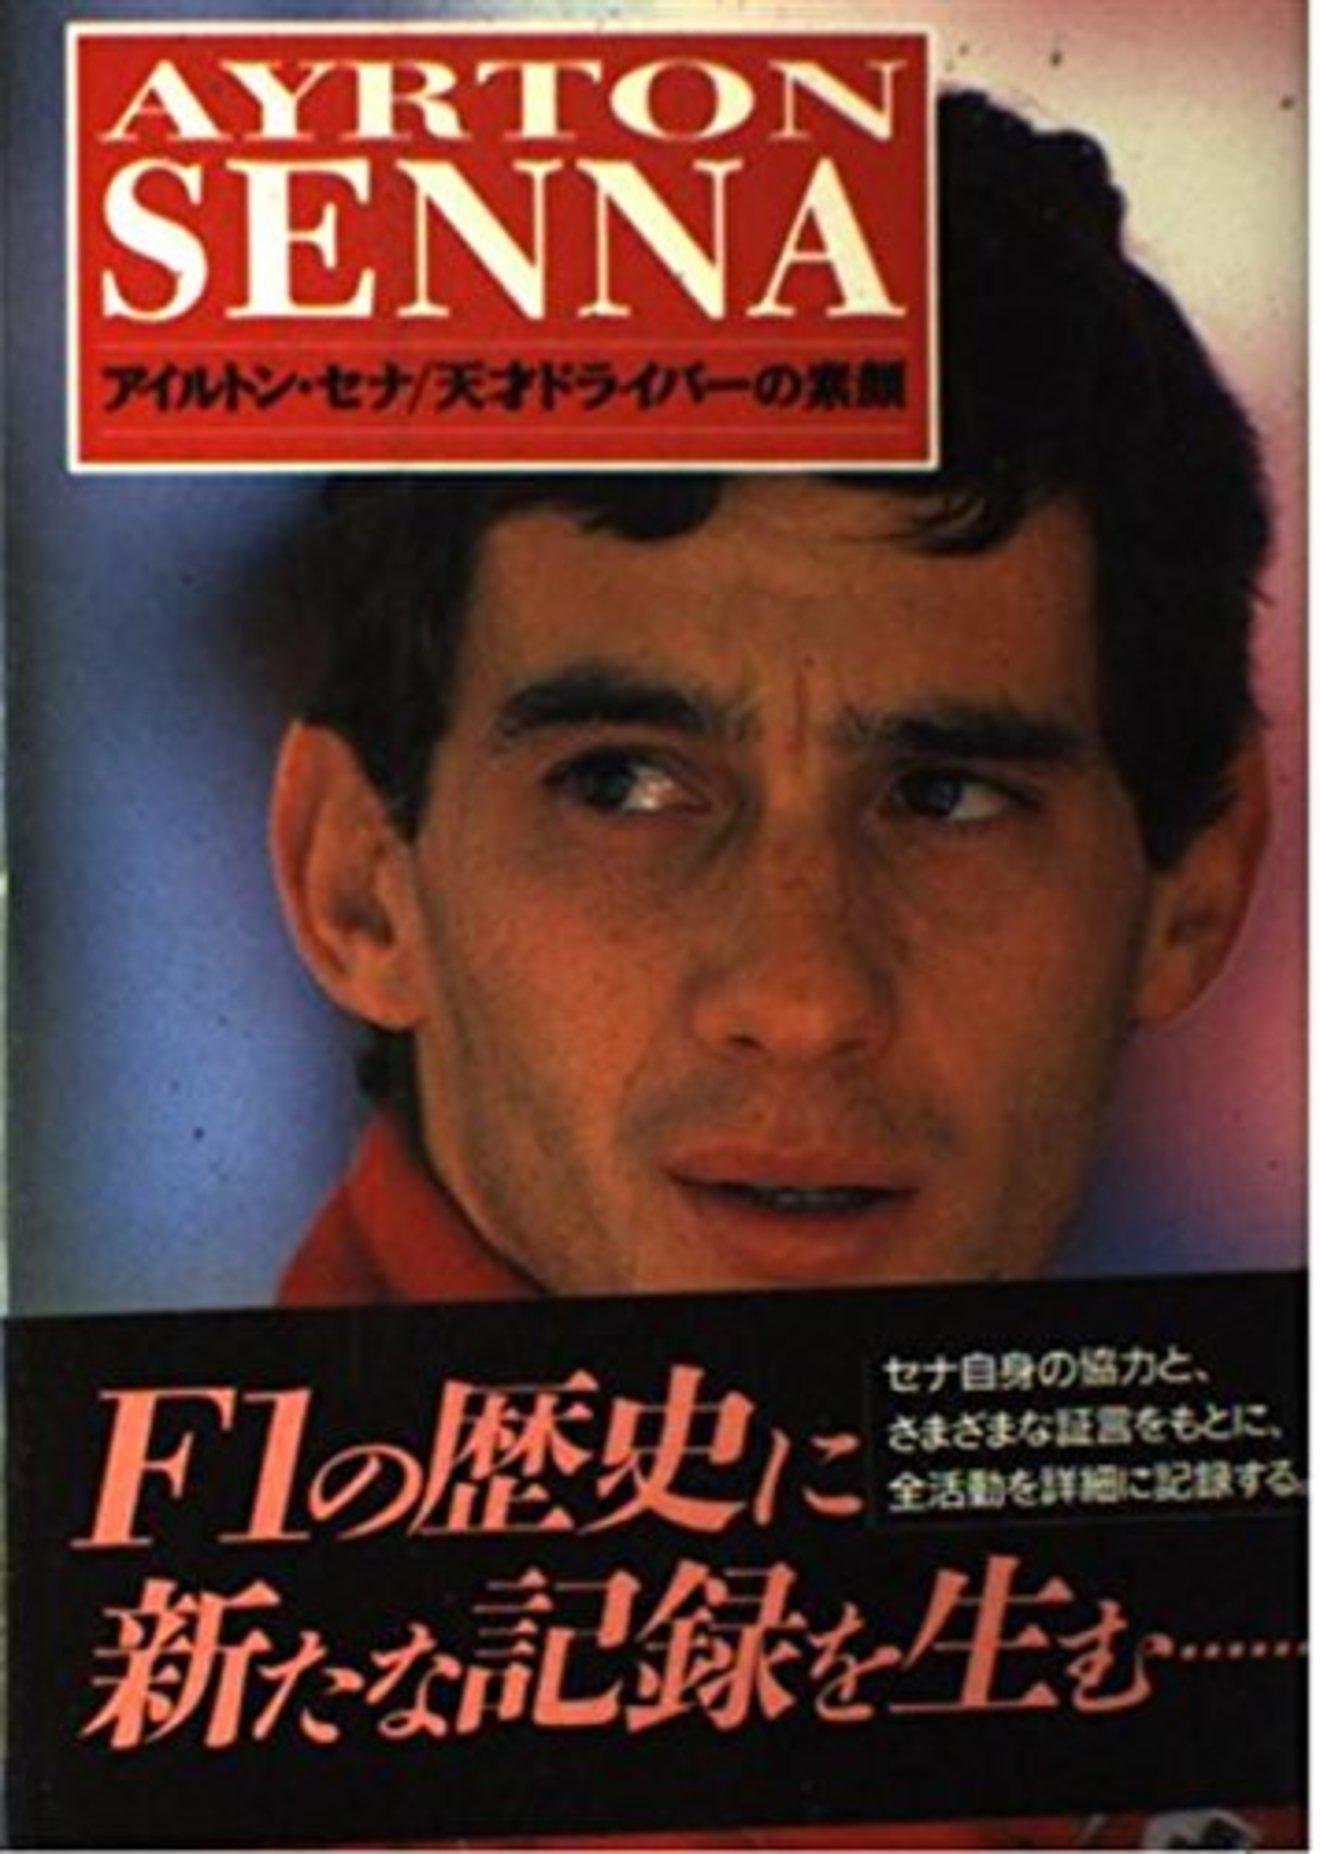 アイルトン・セナにまつわる7つの逸話!音速の貴公子と呼ばれたF1レーサー